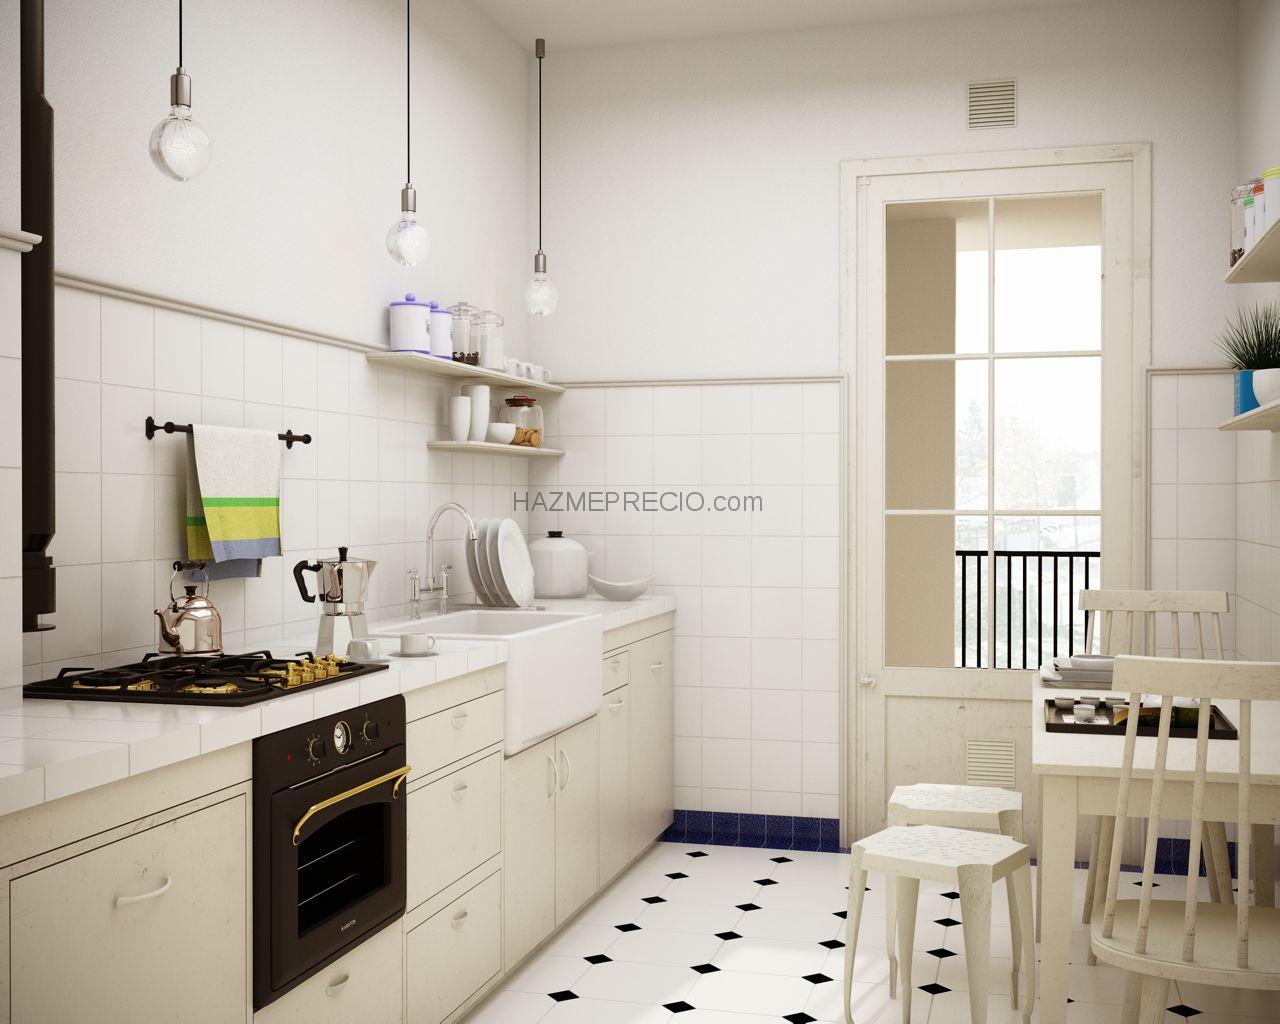 Vuong interiorismo 08025 barcelona barcelona for Cocinas barcelona